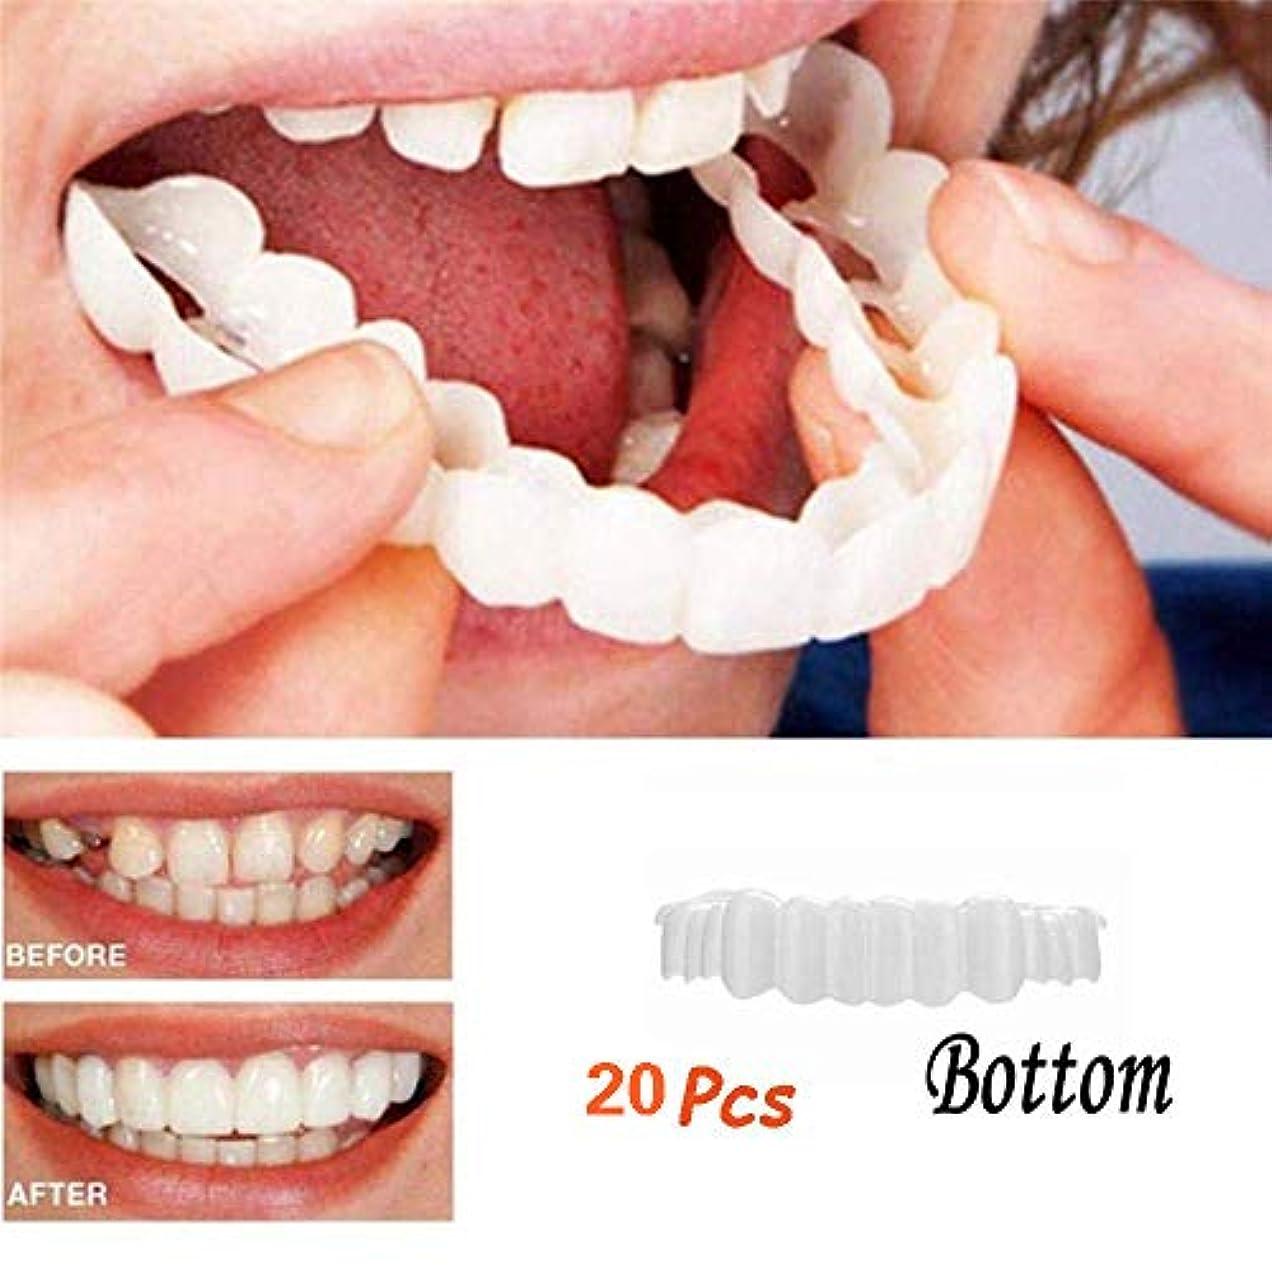 誓いできれば少ない20ピースボトム化粧品歯コンフォートフィットフレックス化粧品歯コーブ義歯歯のホワイトニングスナップオンインスタント笑顔サイズフィット